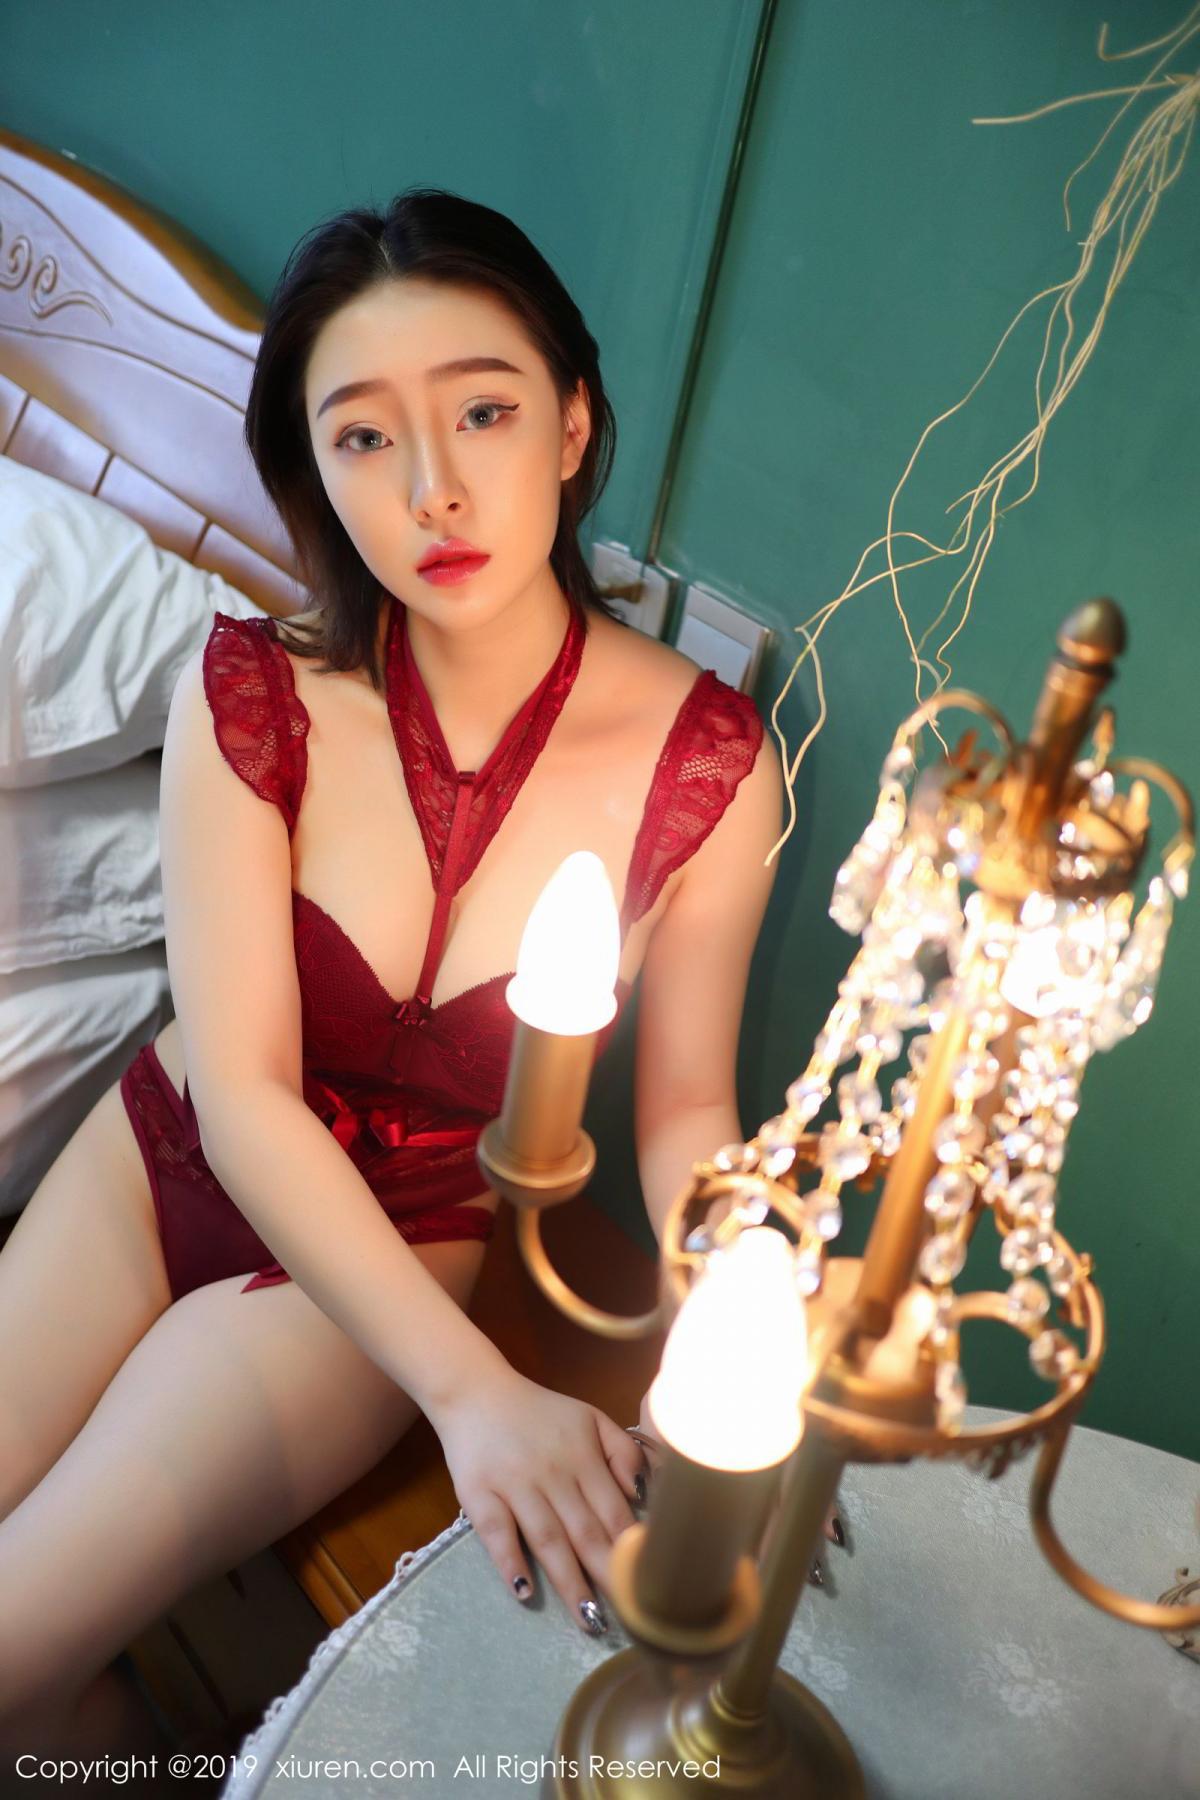 [XiuRen] Vol.1765 Yao A Yao De Yao 1P, Cool, Underwear, Xiuren, Yao A Yao De Yao